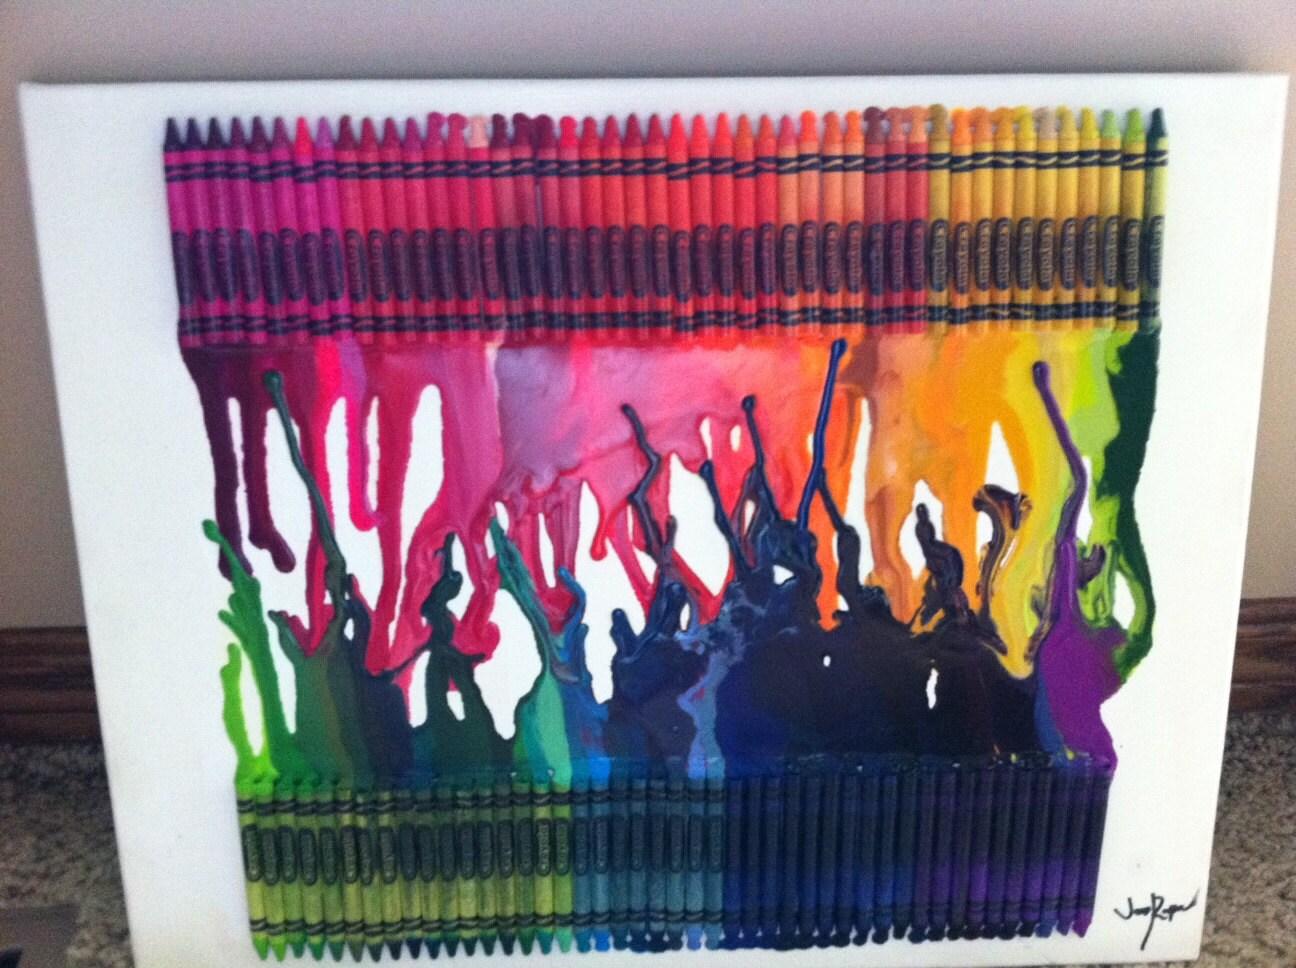 Rainbow Crayon Drip Artwork 2 Rows